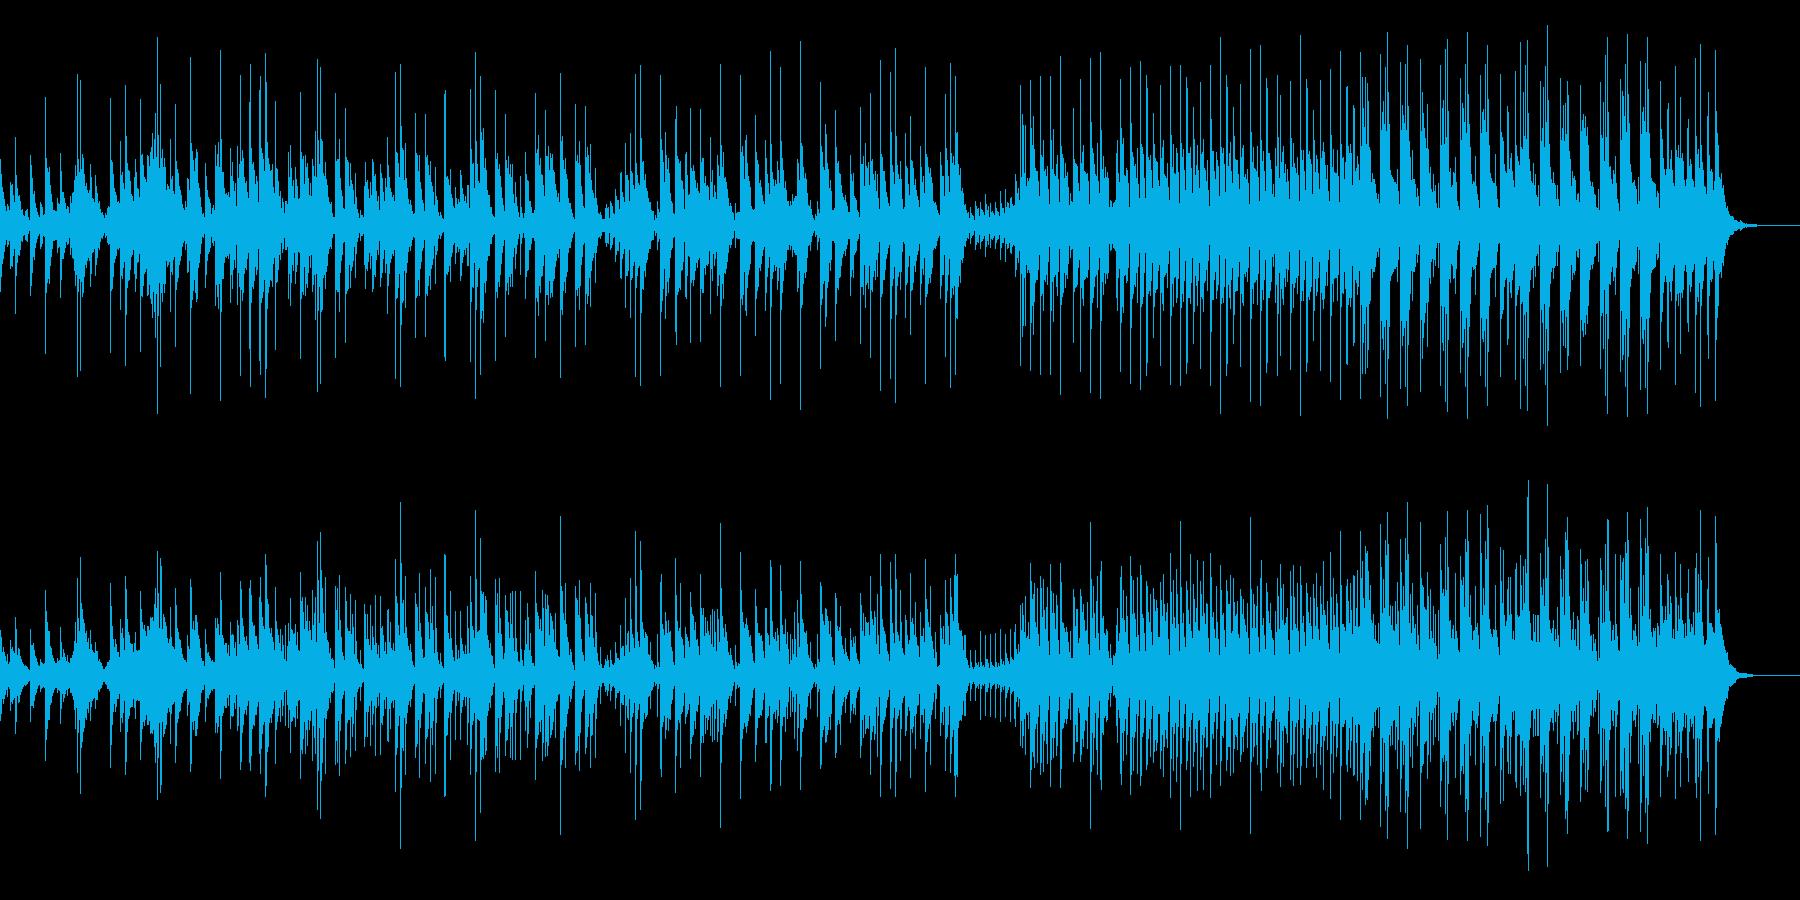 Ikkiuchi Shimedaikoの再生済みの波形